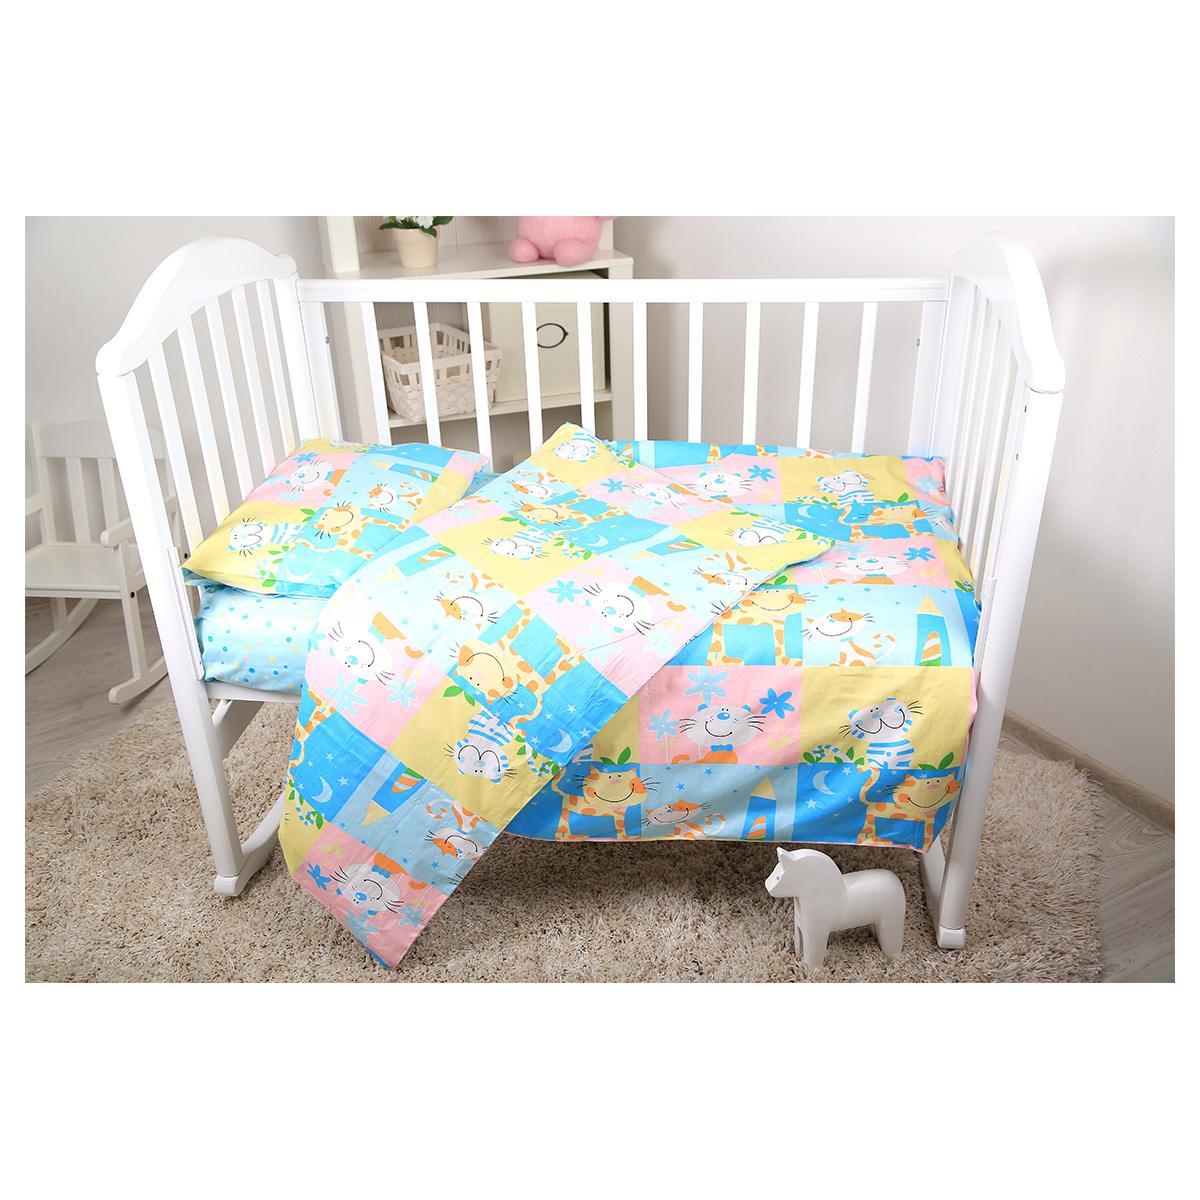 Baby Nice Комплект белья для новорожденных Веселые котята цвет голубойВ 40010Нежный сатин делает детское постельное белье мягкими и шелковистыми. Красивое детское постельное белье помогает детям заснуть: они с удовольствием ложатся в кроватку и просыпаются в хорошем настроении. Этому способствуют и замечательные характеристики сатина: гипоаллергенность, отличный влаго- и теплообмен. наволочка 40х60, пододеяльник 112х147,простынь на резинке для матраса 60х120.